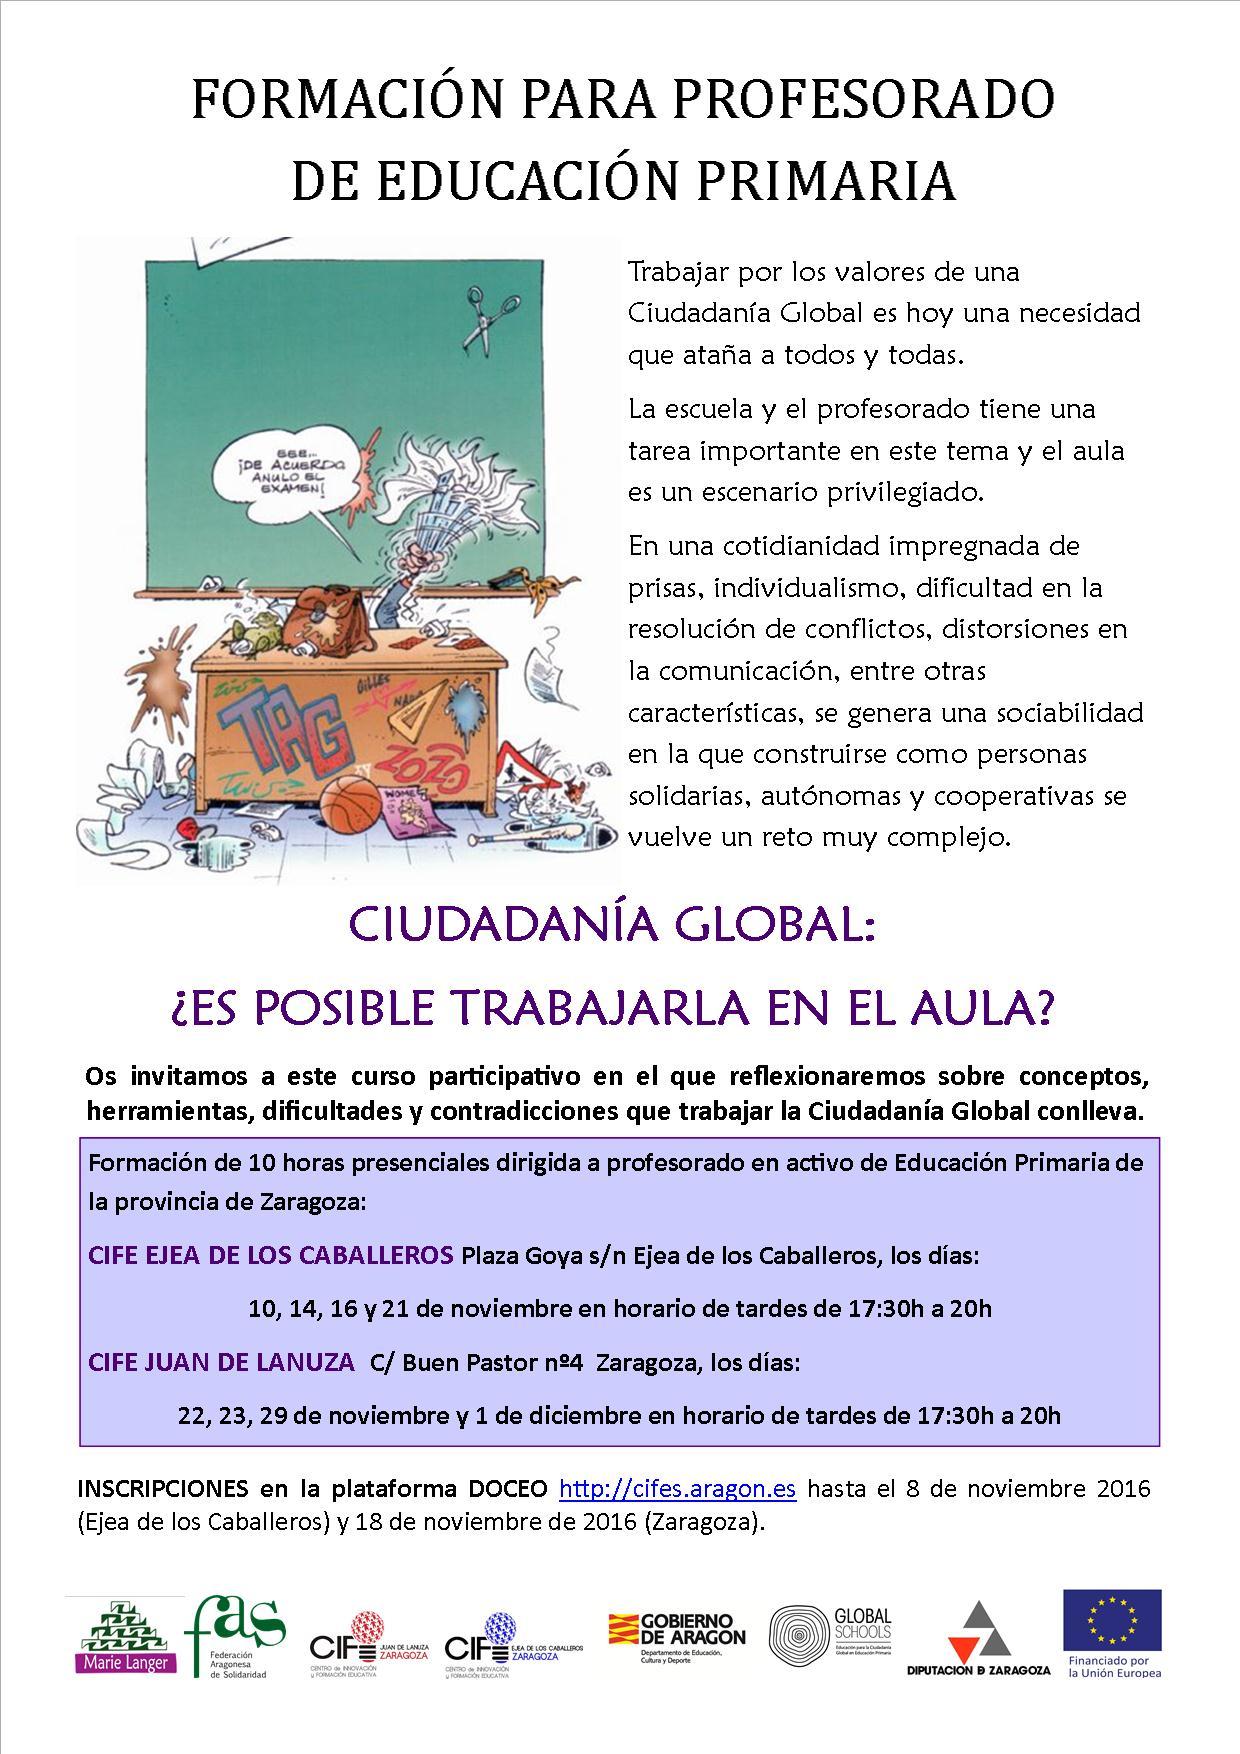 Curso formación sobre Educación para la Ciudadanía Global para profesorado de primaria